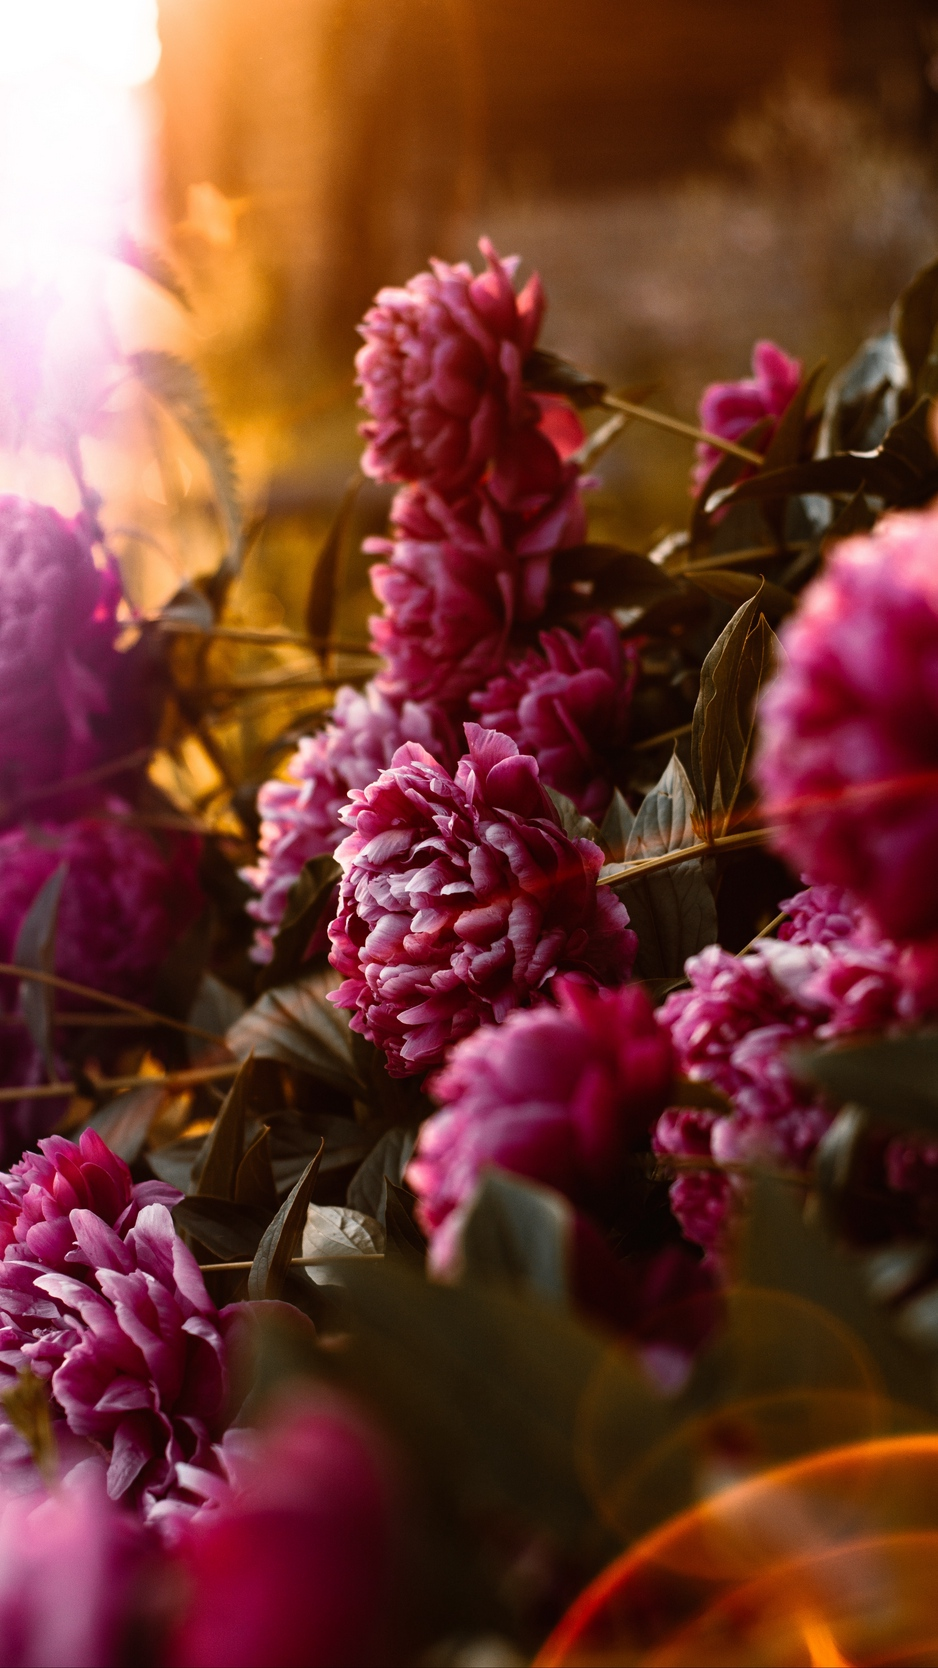 Wallpaper Peonies Flowers Pink Sunlight Flare Dark Colored Iphone Wallpaper Flowers 938x1668 Wallpaper Teahub Io